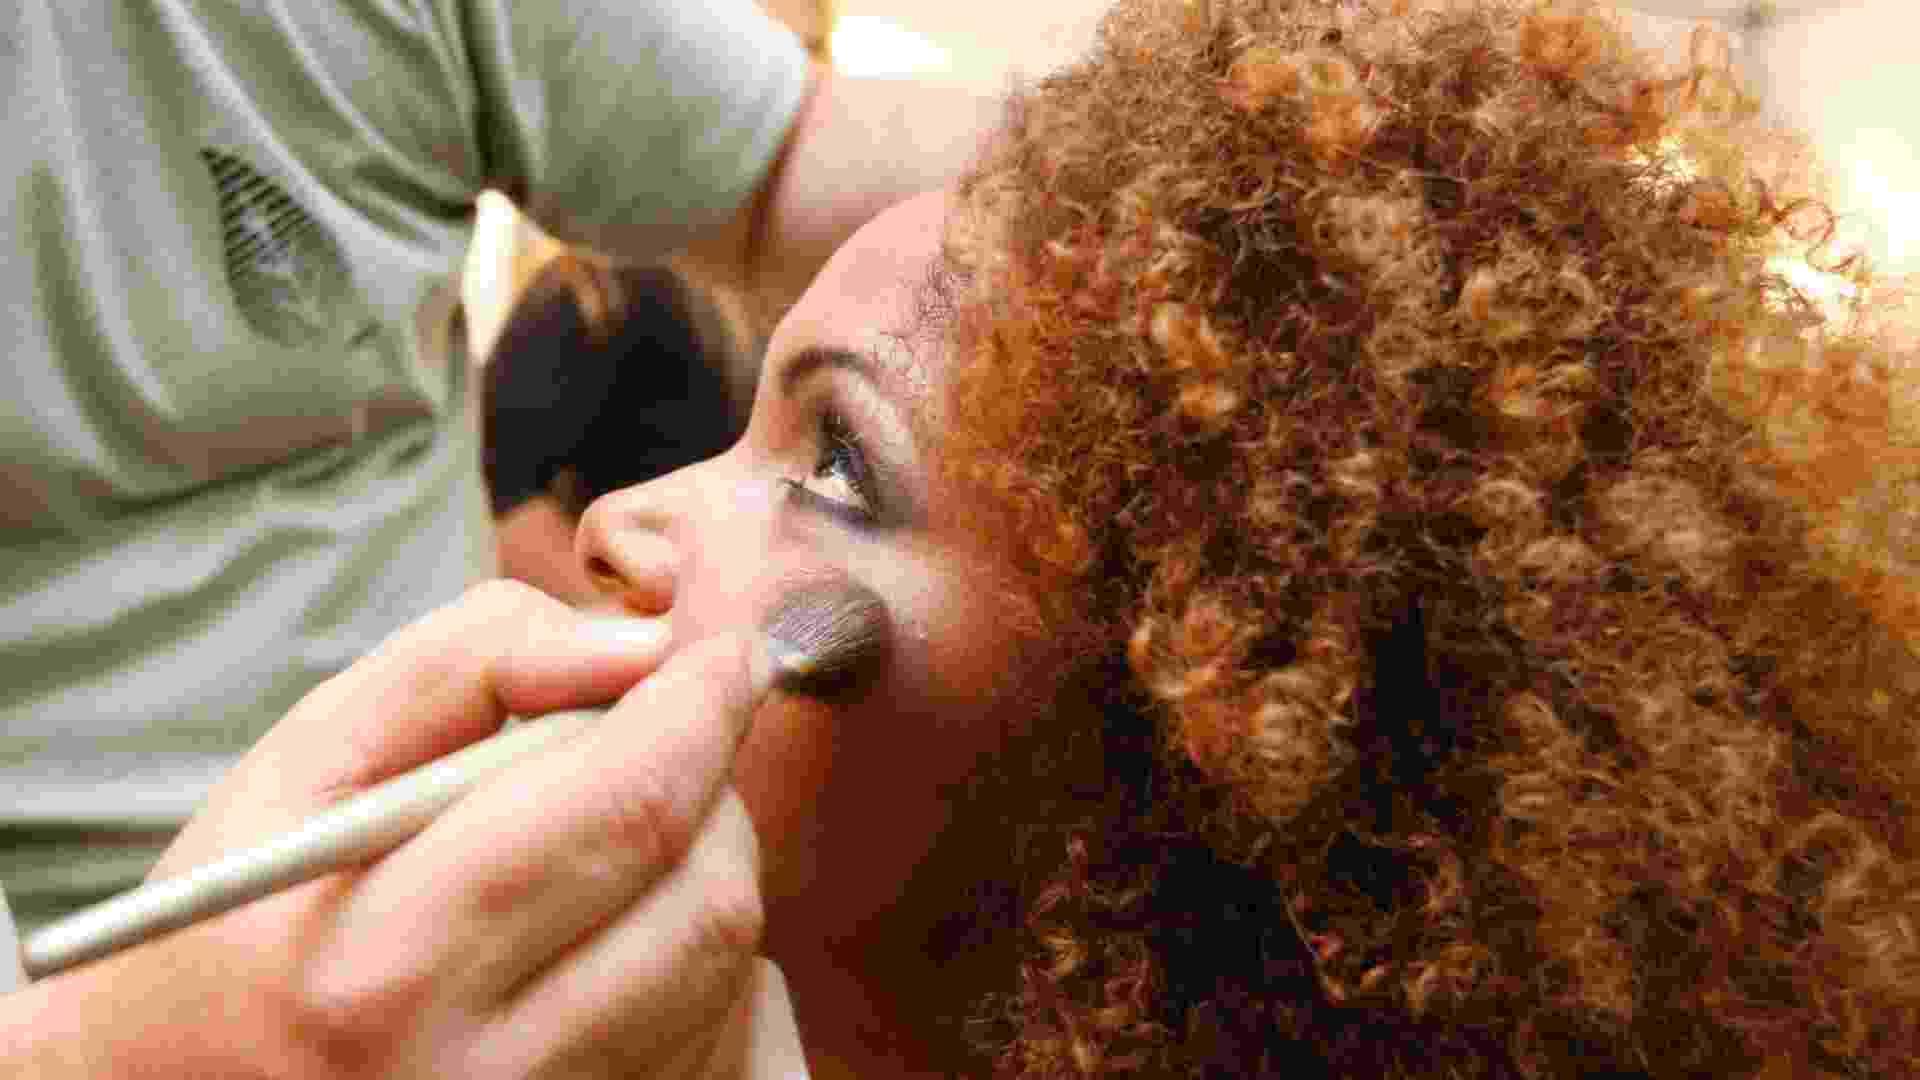 Candidata é maquiada para escolha da Rainha do Carnaval 2013, no Rio de Janeiro (3/11/12) - Marcelo de Jesus/UOL